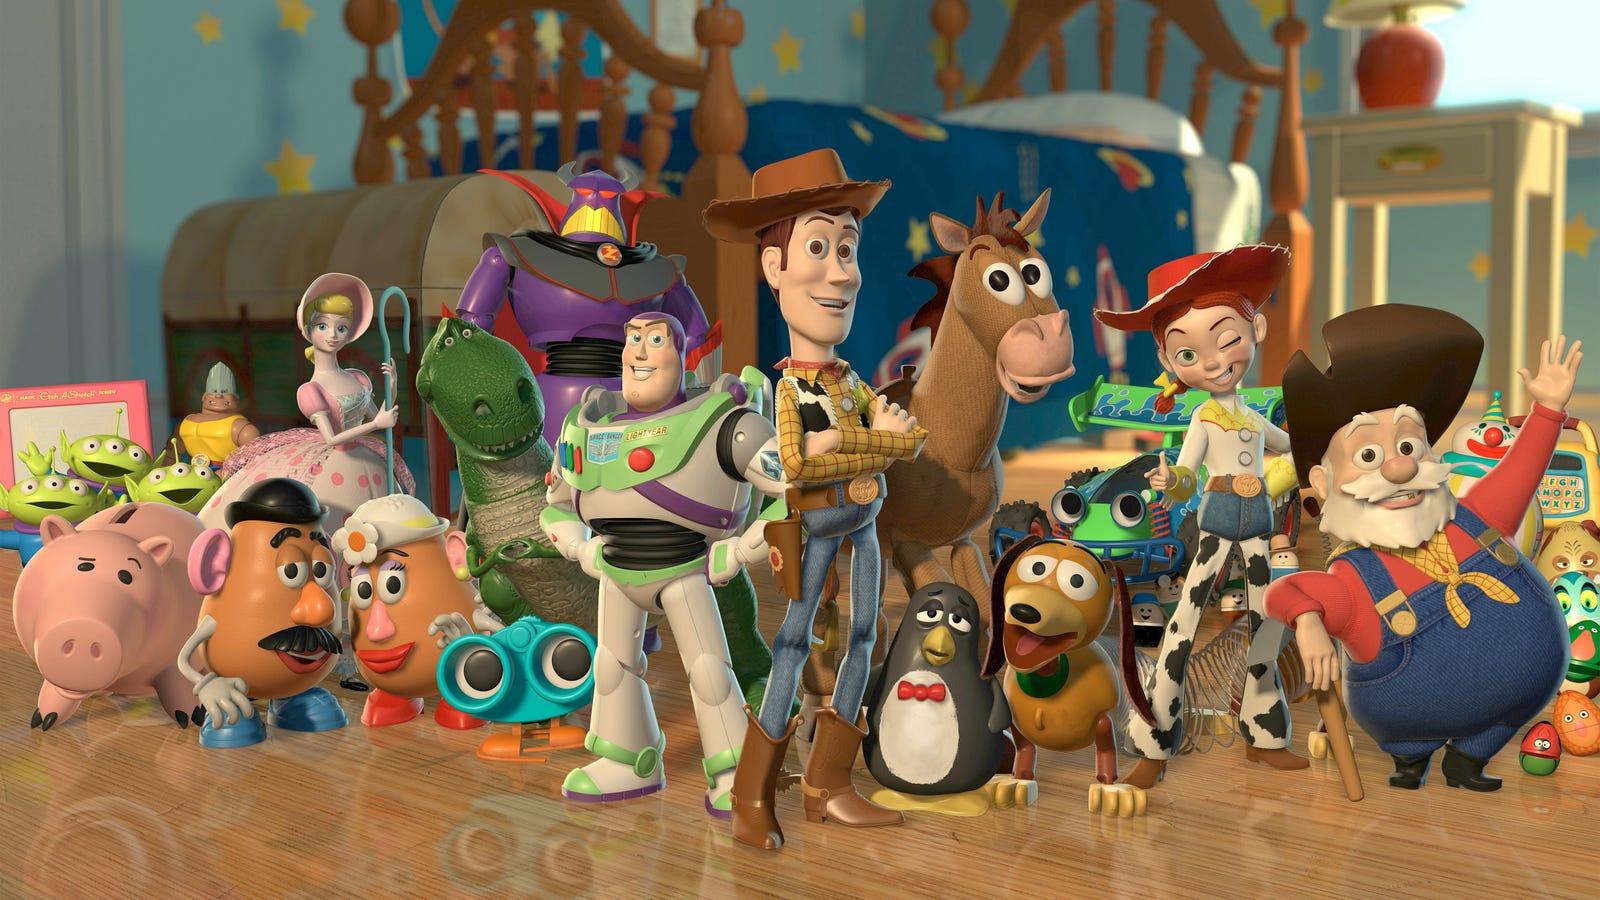 Así fue como Pixar rescató Toy Story 2 tras eliminarla y no tener copias de seguridad